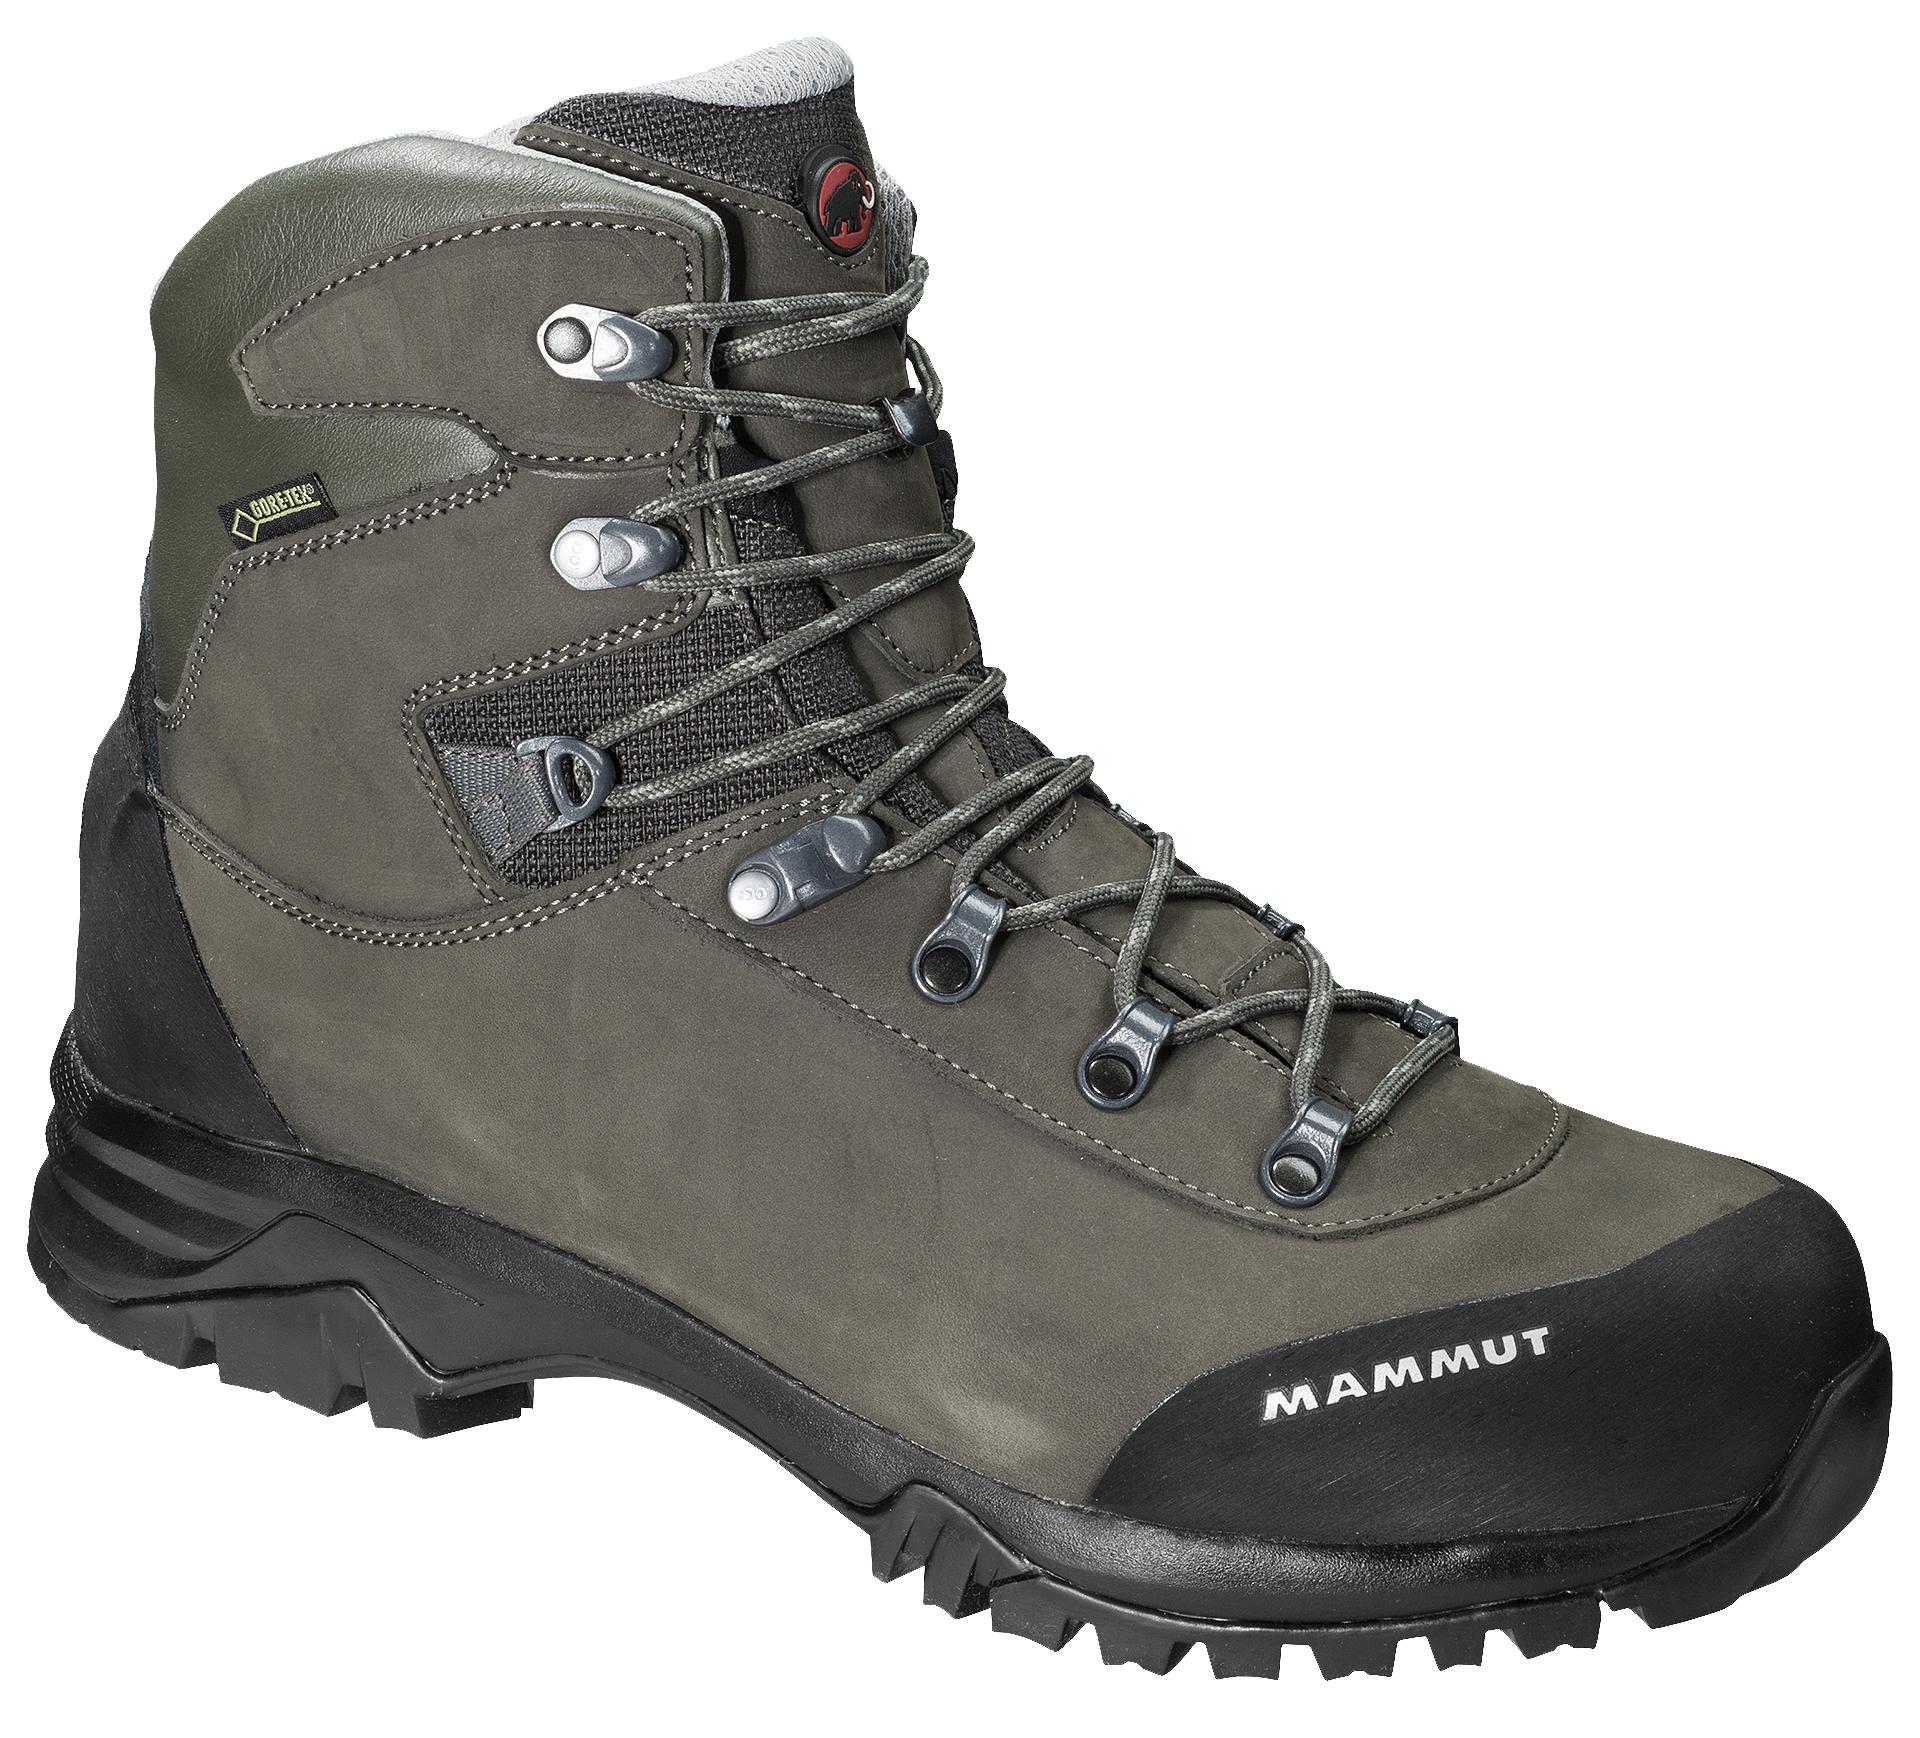 0a3863875b9 Mammut Trovat Advanced High GTX Boots - Men's